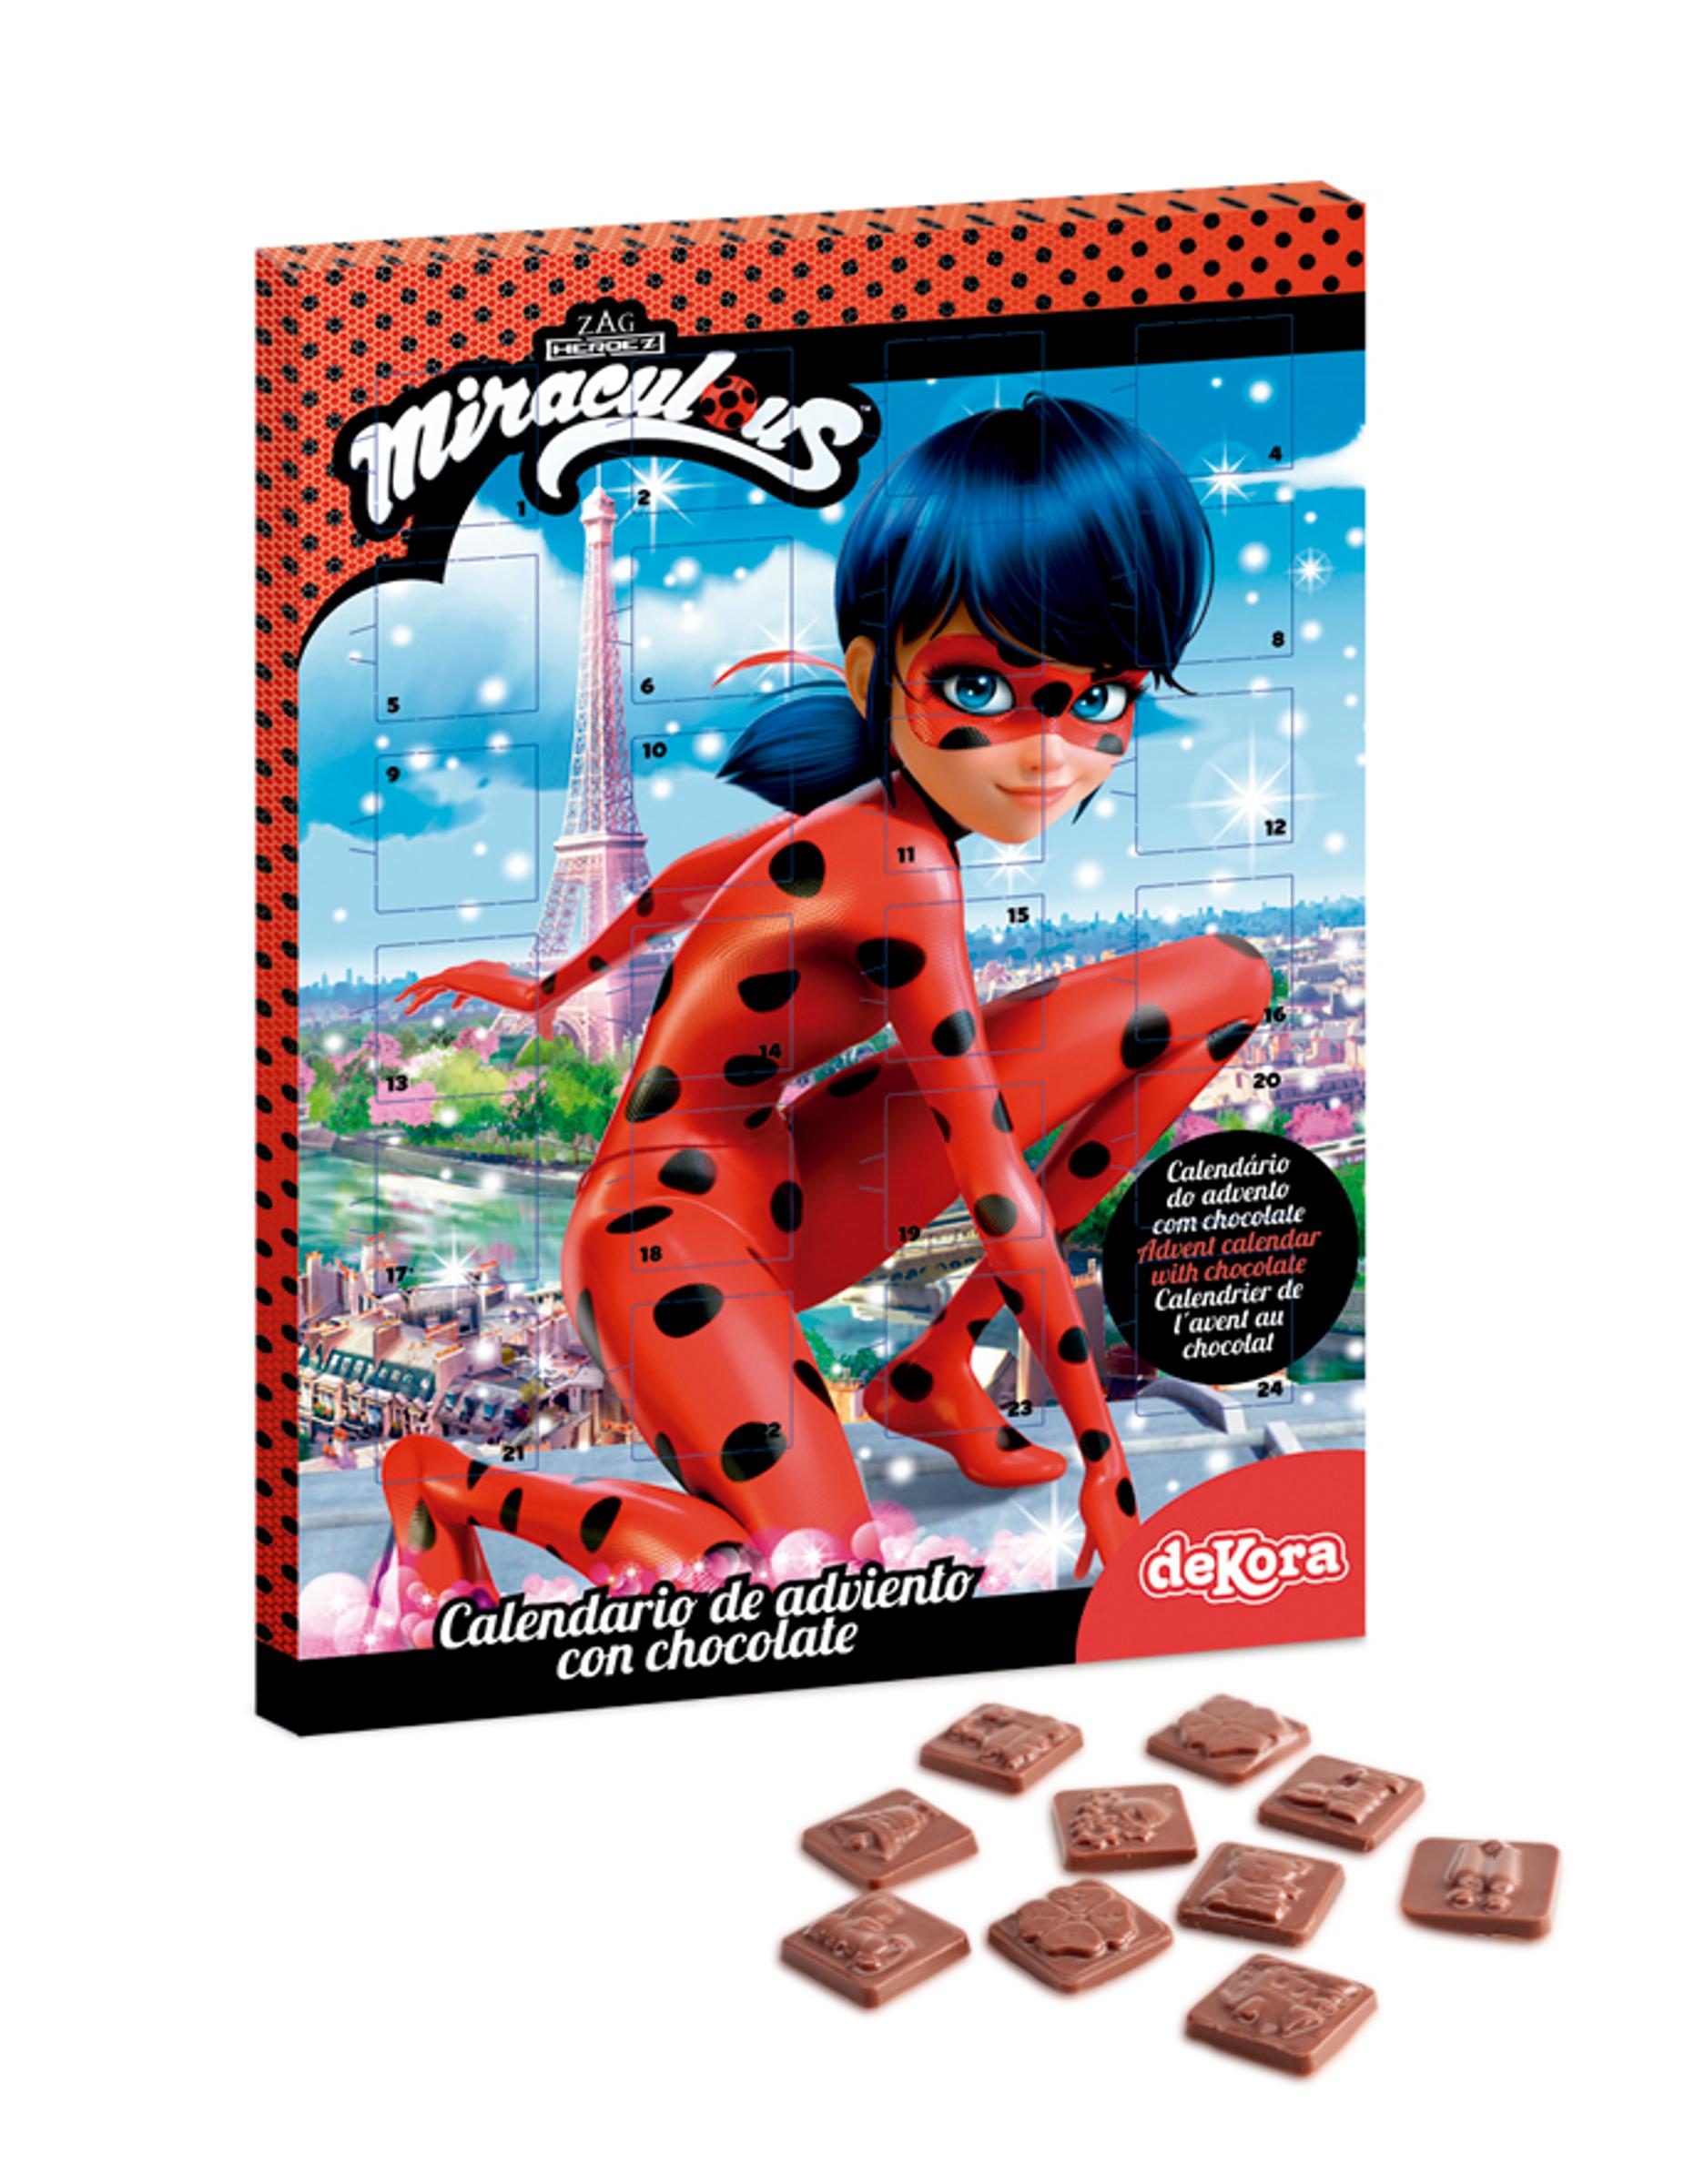 Calendario Avvento Cioccolato.Calendario Dell Avvento Con Cioccolatini Ladybug Su Vegaooparty Negozio Di Articoli Per Feste